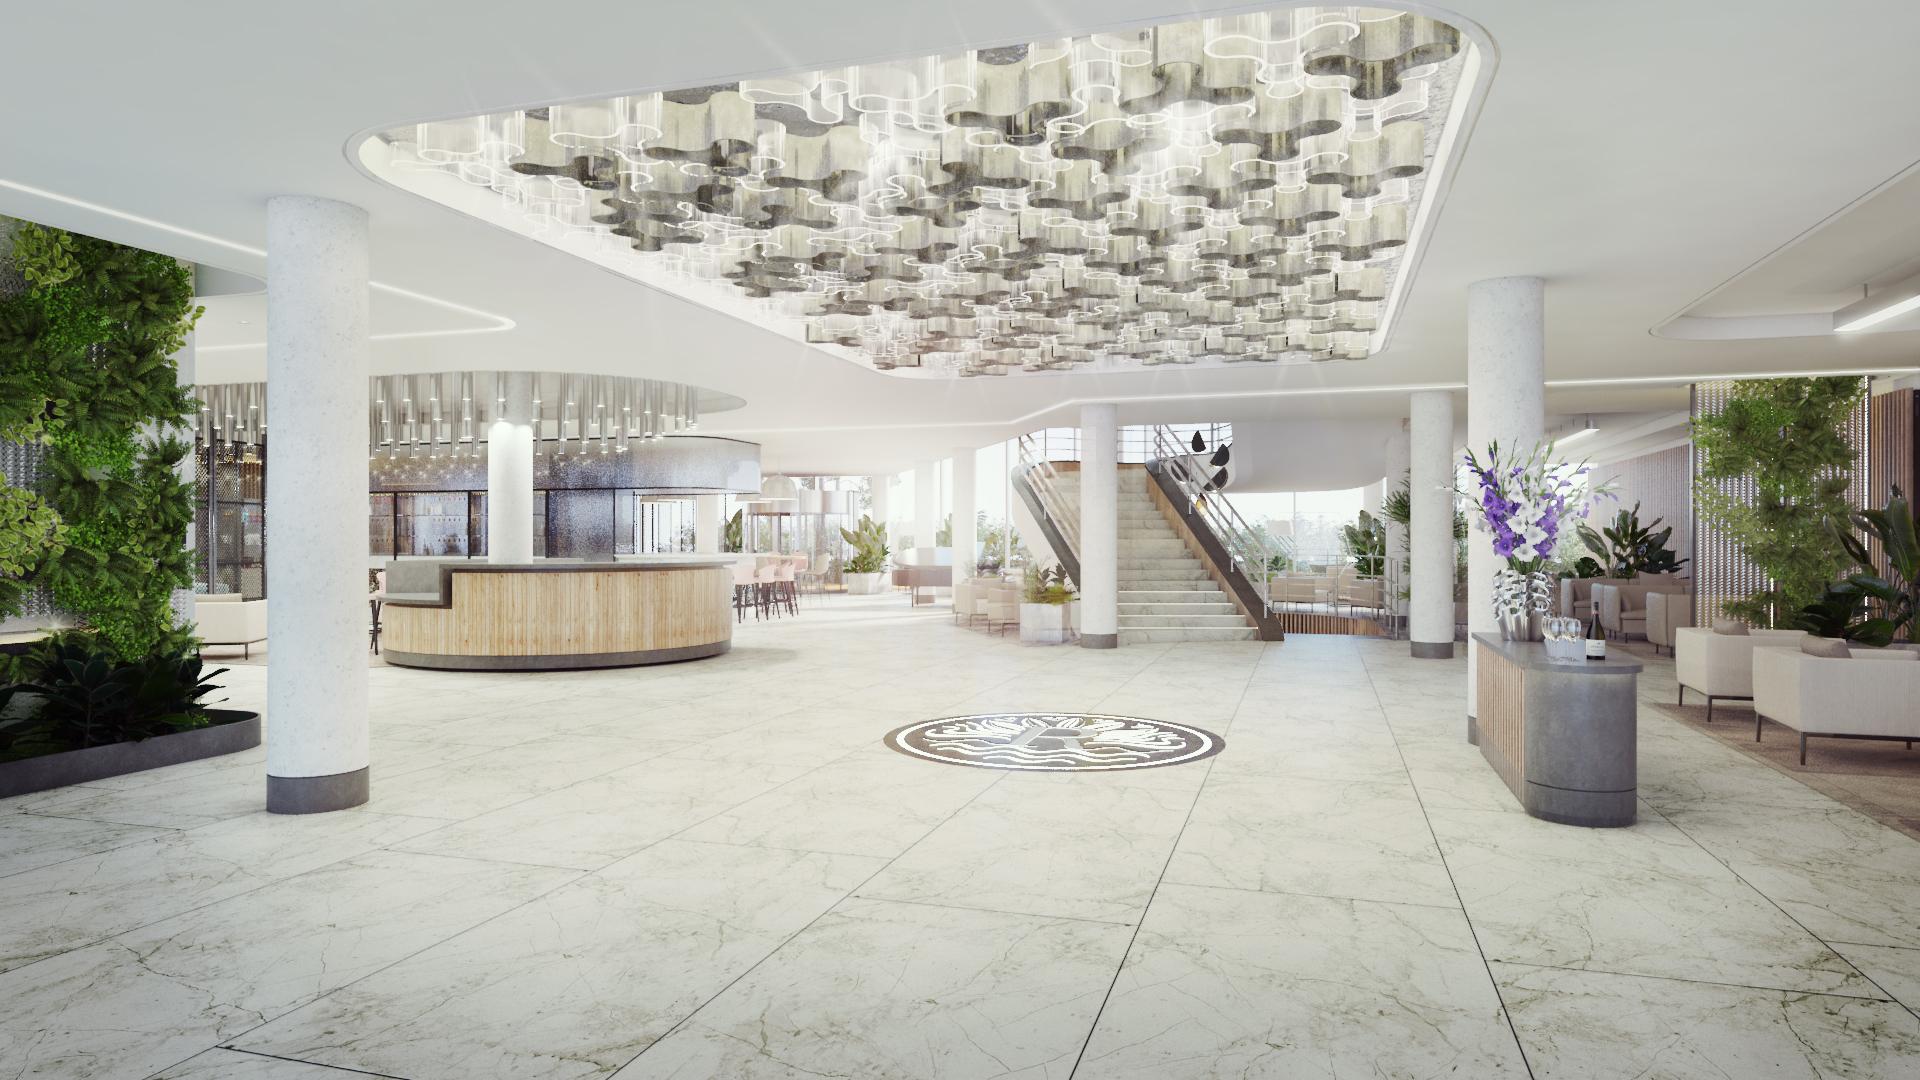 HOTEL JURATA   Hel, Poland   Axis Mason